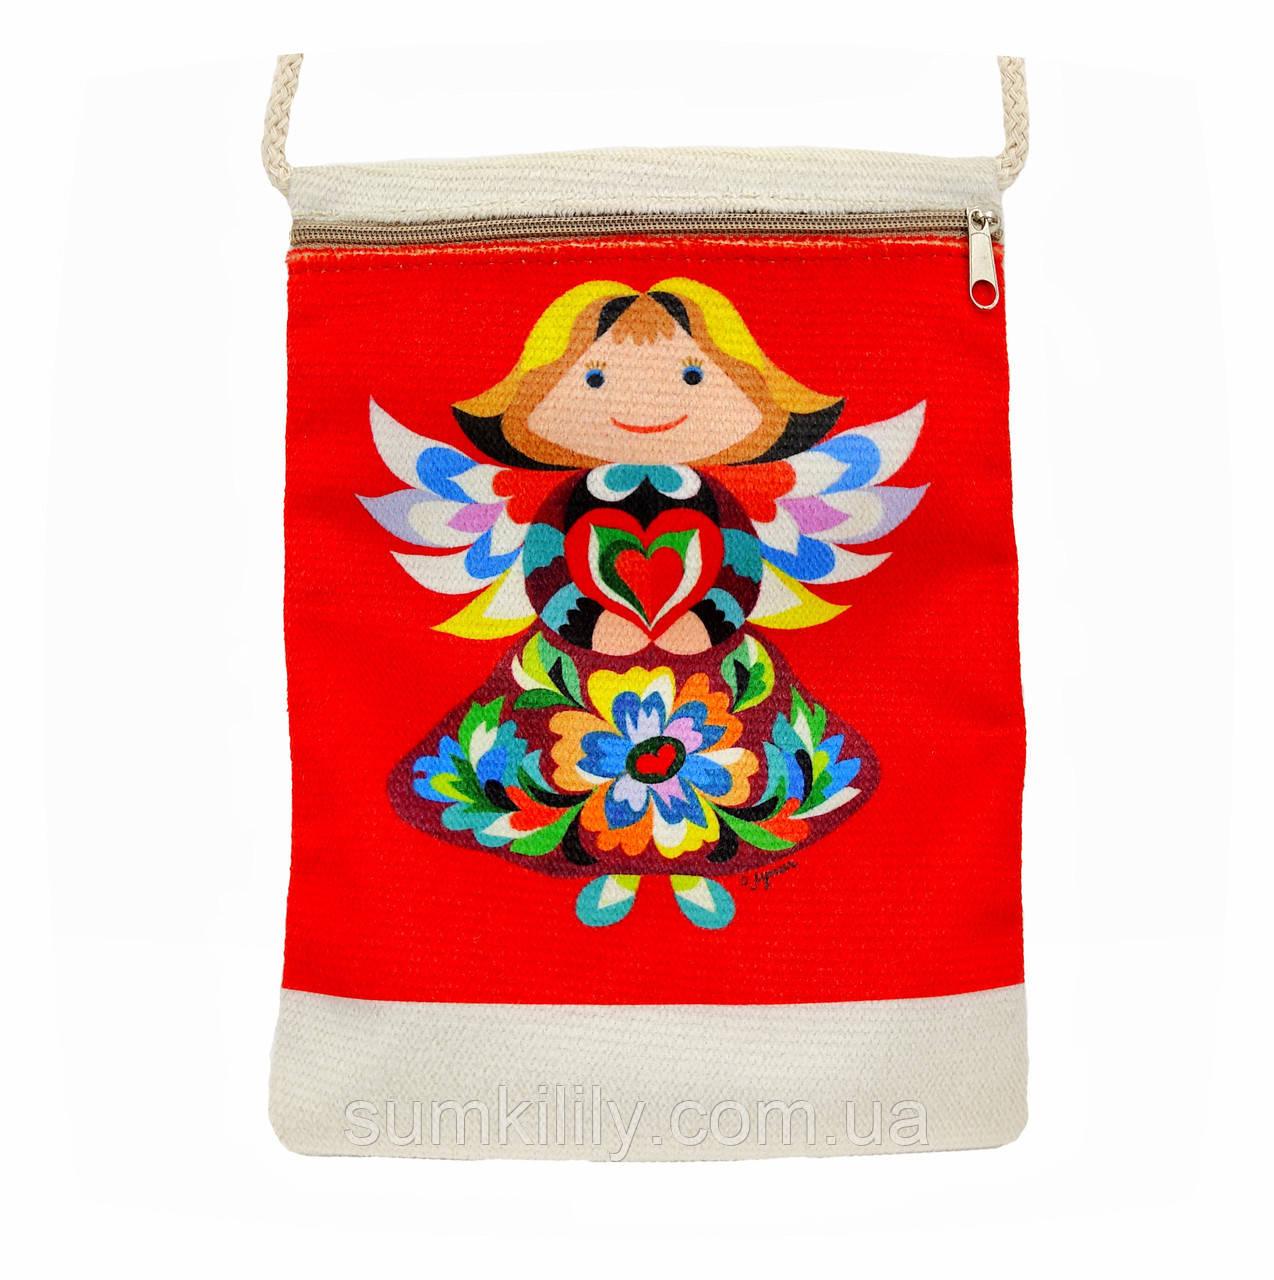 Текстильний гаманець Ангел 2 червоний